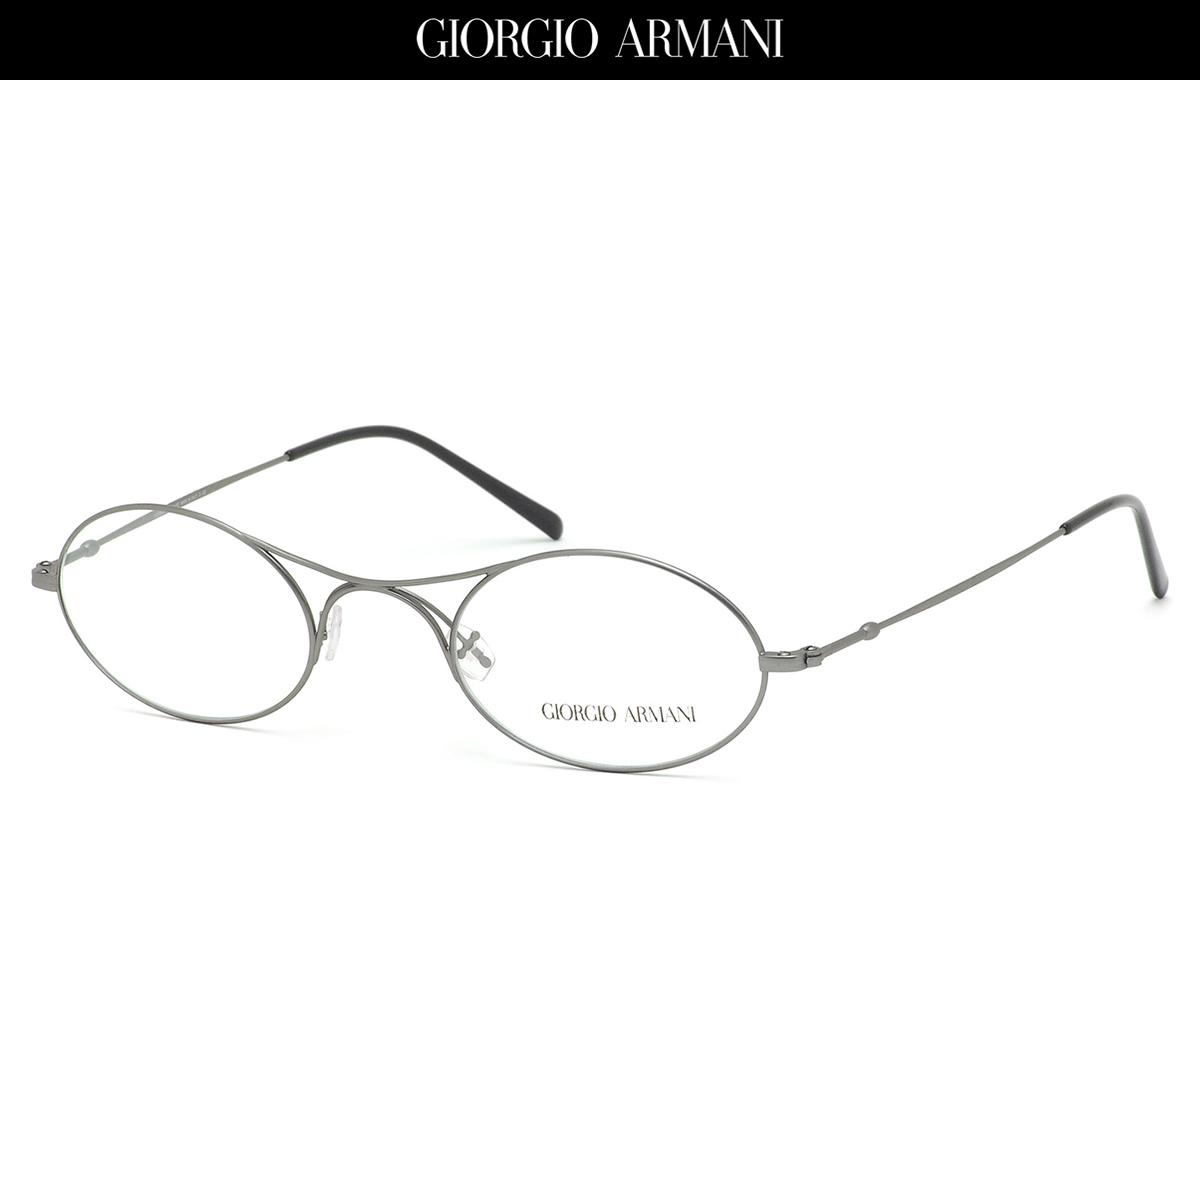 GIORGIO ARMANI ジョルジオアルマーニ メガネ AR229M 3003 47サイズ 軽量 軽い 小さい 細い ジョルジオアルマーニGIORGIOARMANI メンズ レディース